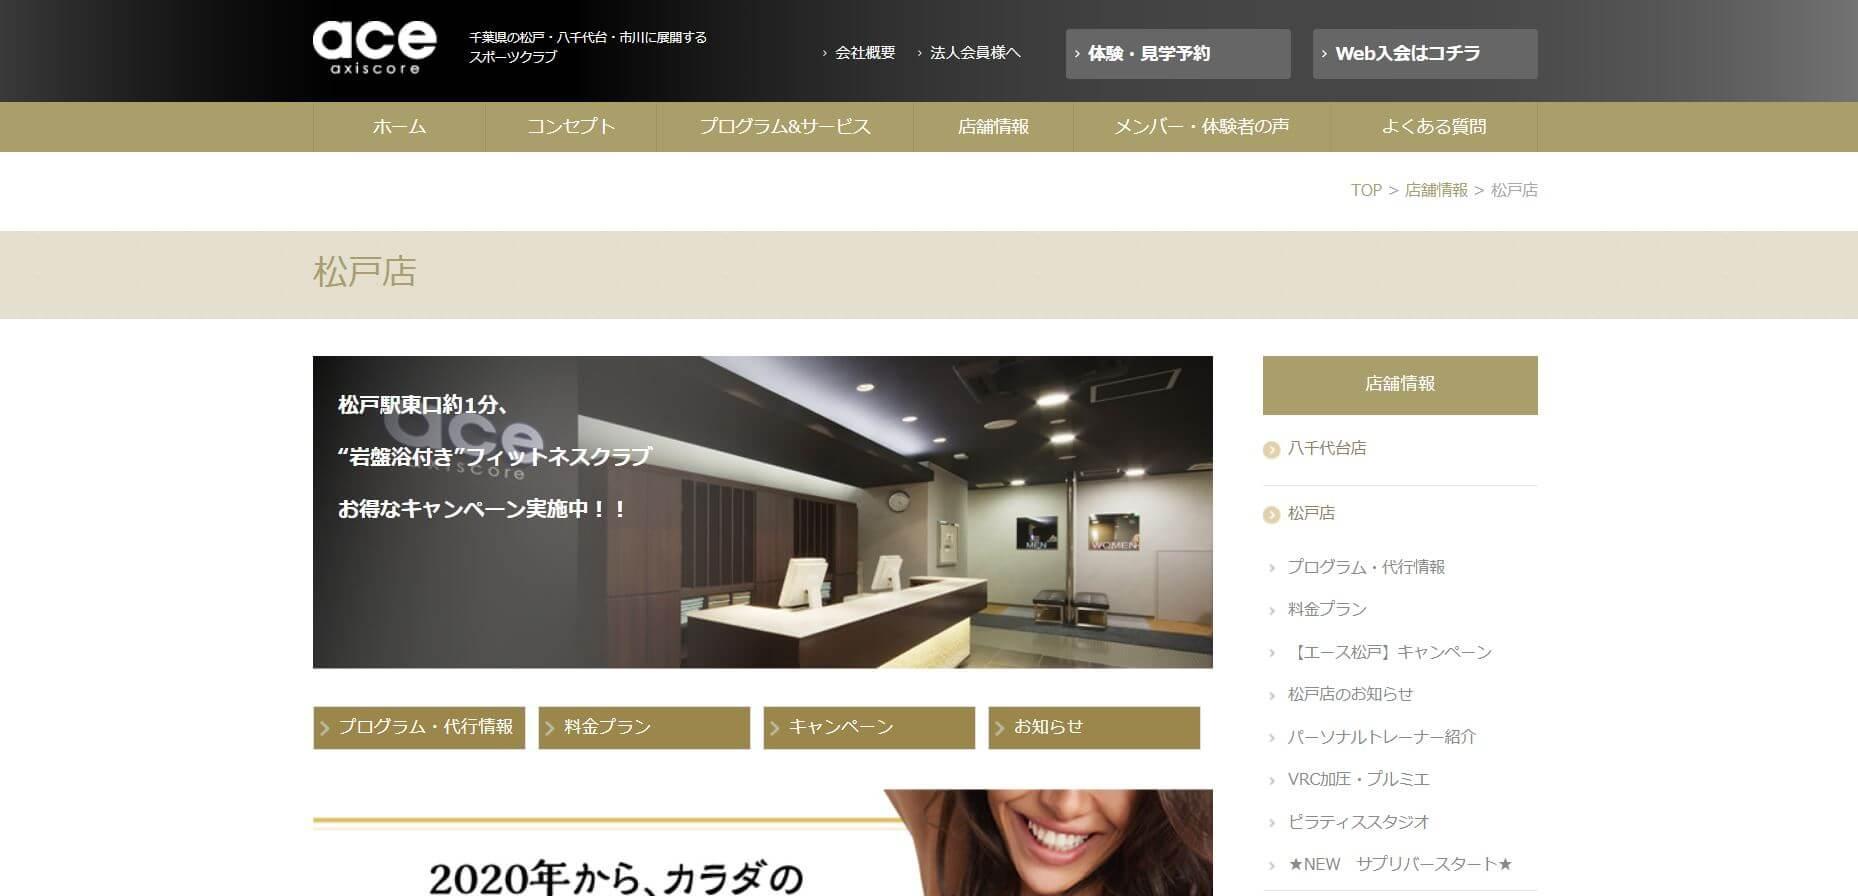 ace axiscore 松戸店